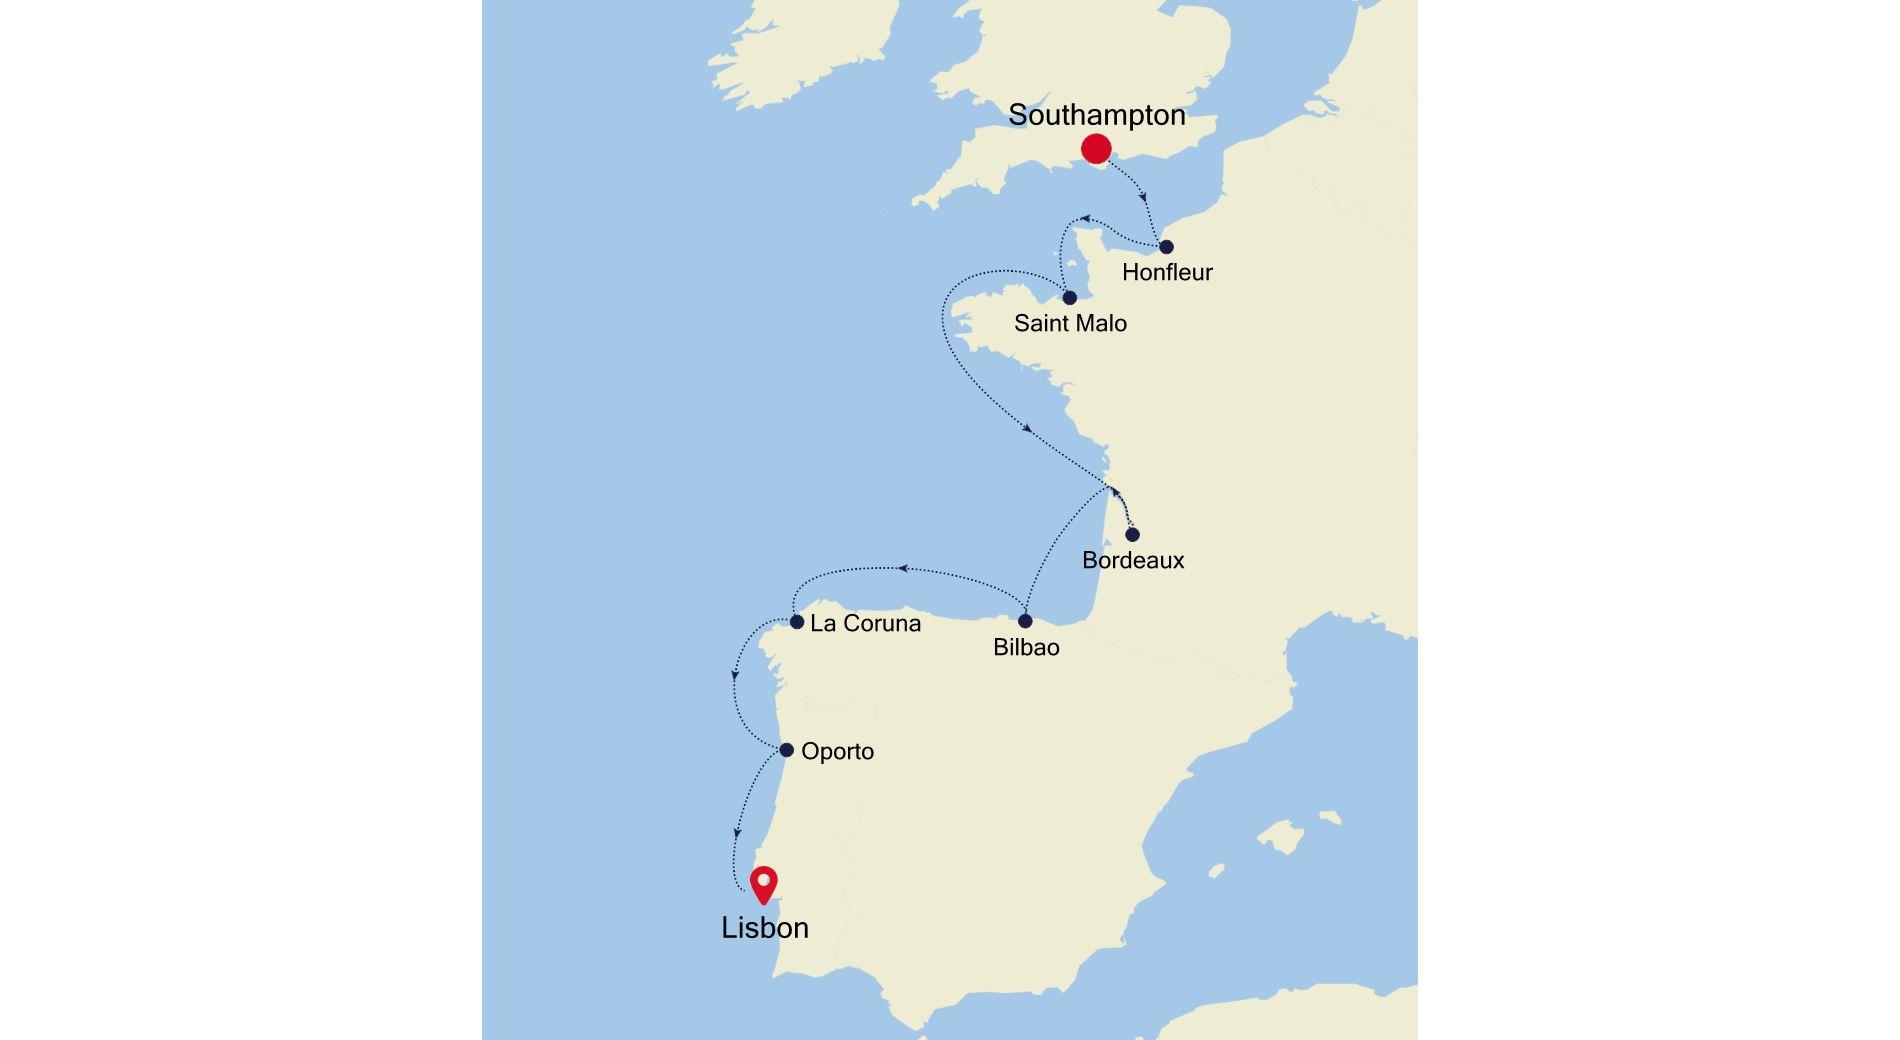 SL210927011 - Southampton to Lisbon